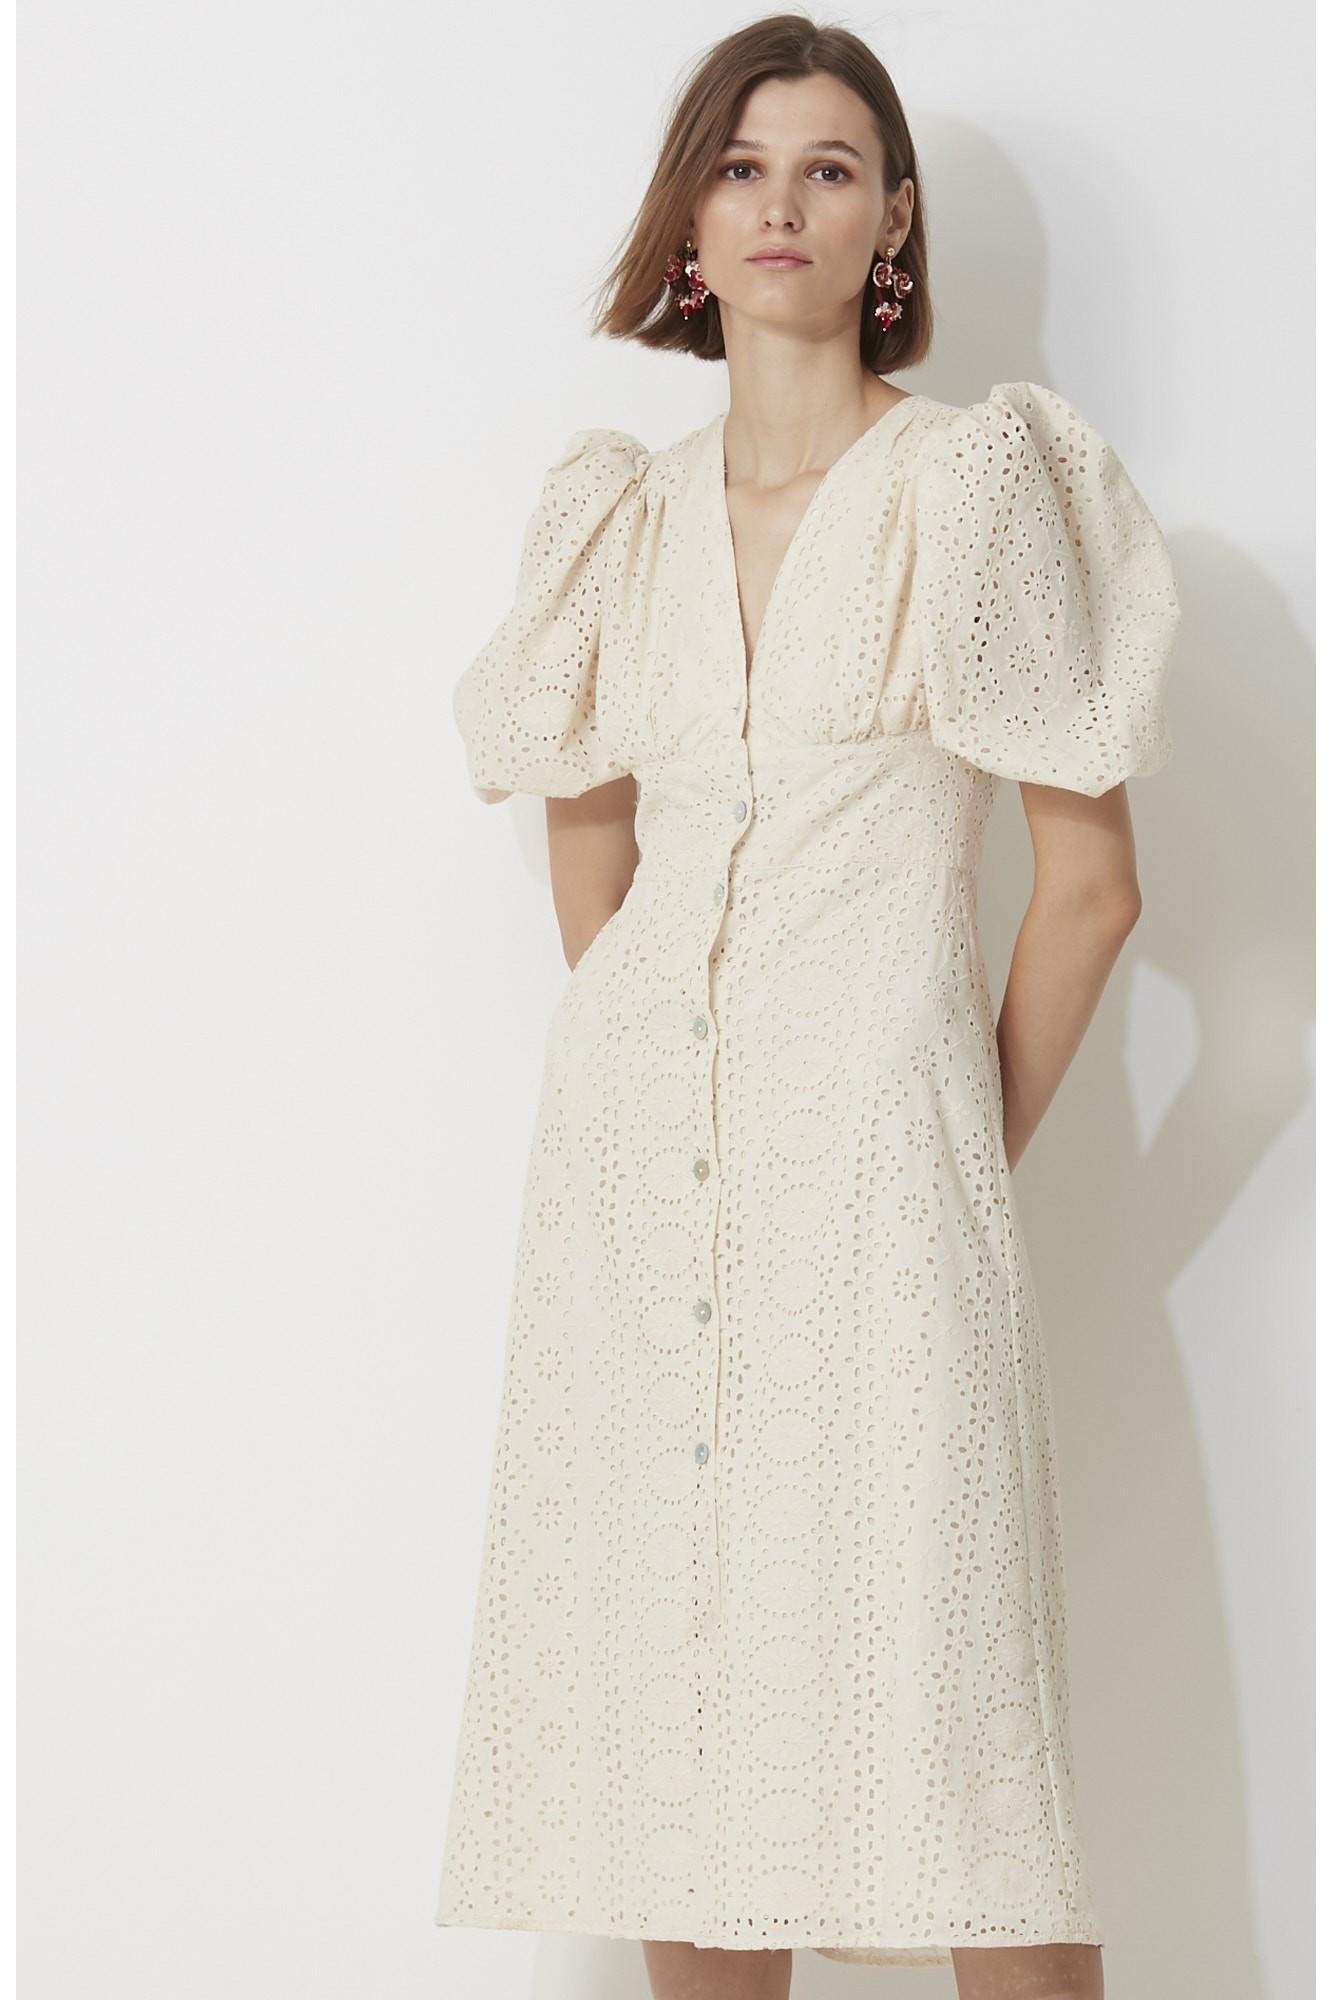 TROQUELADO DRESS